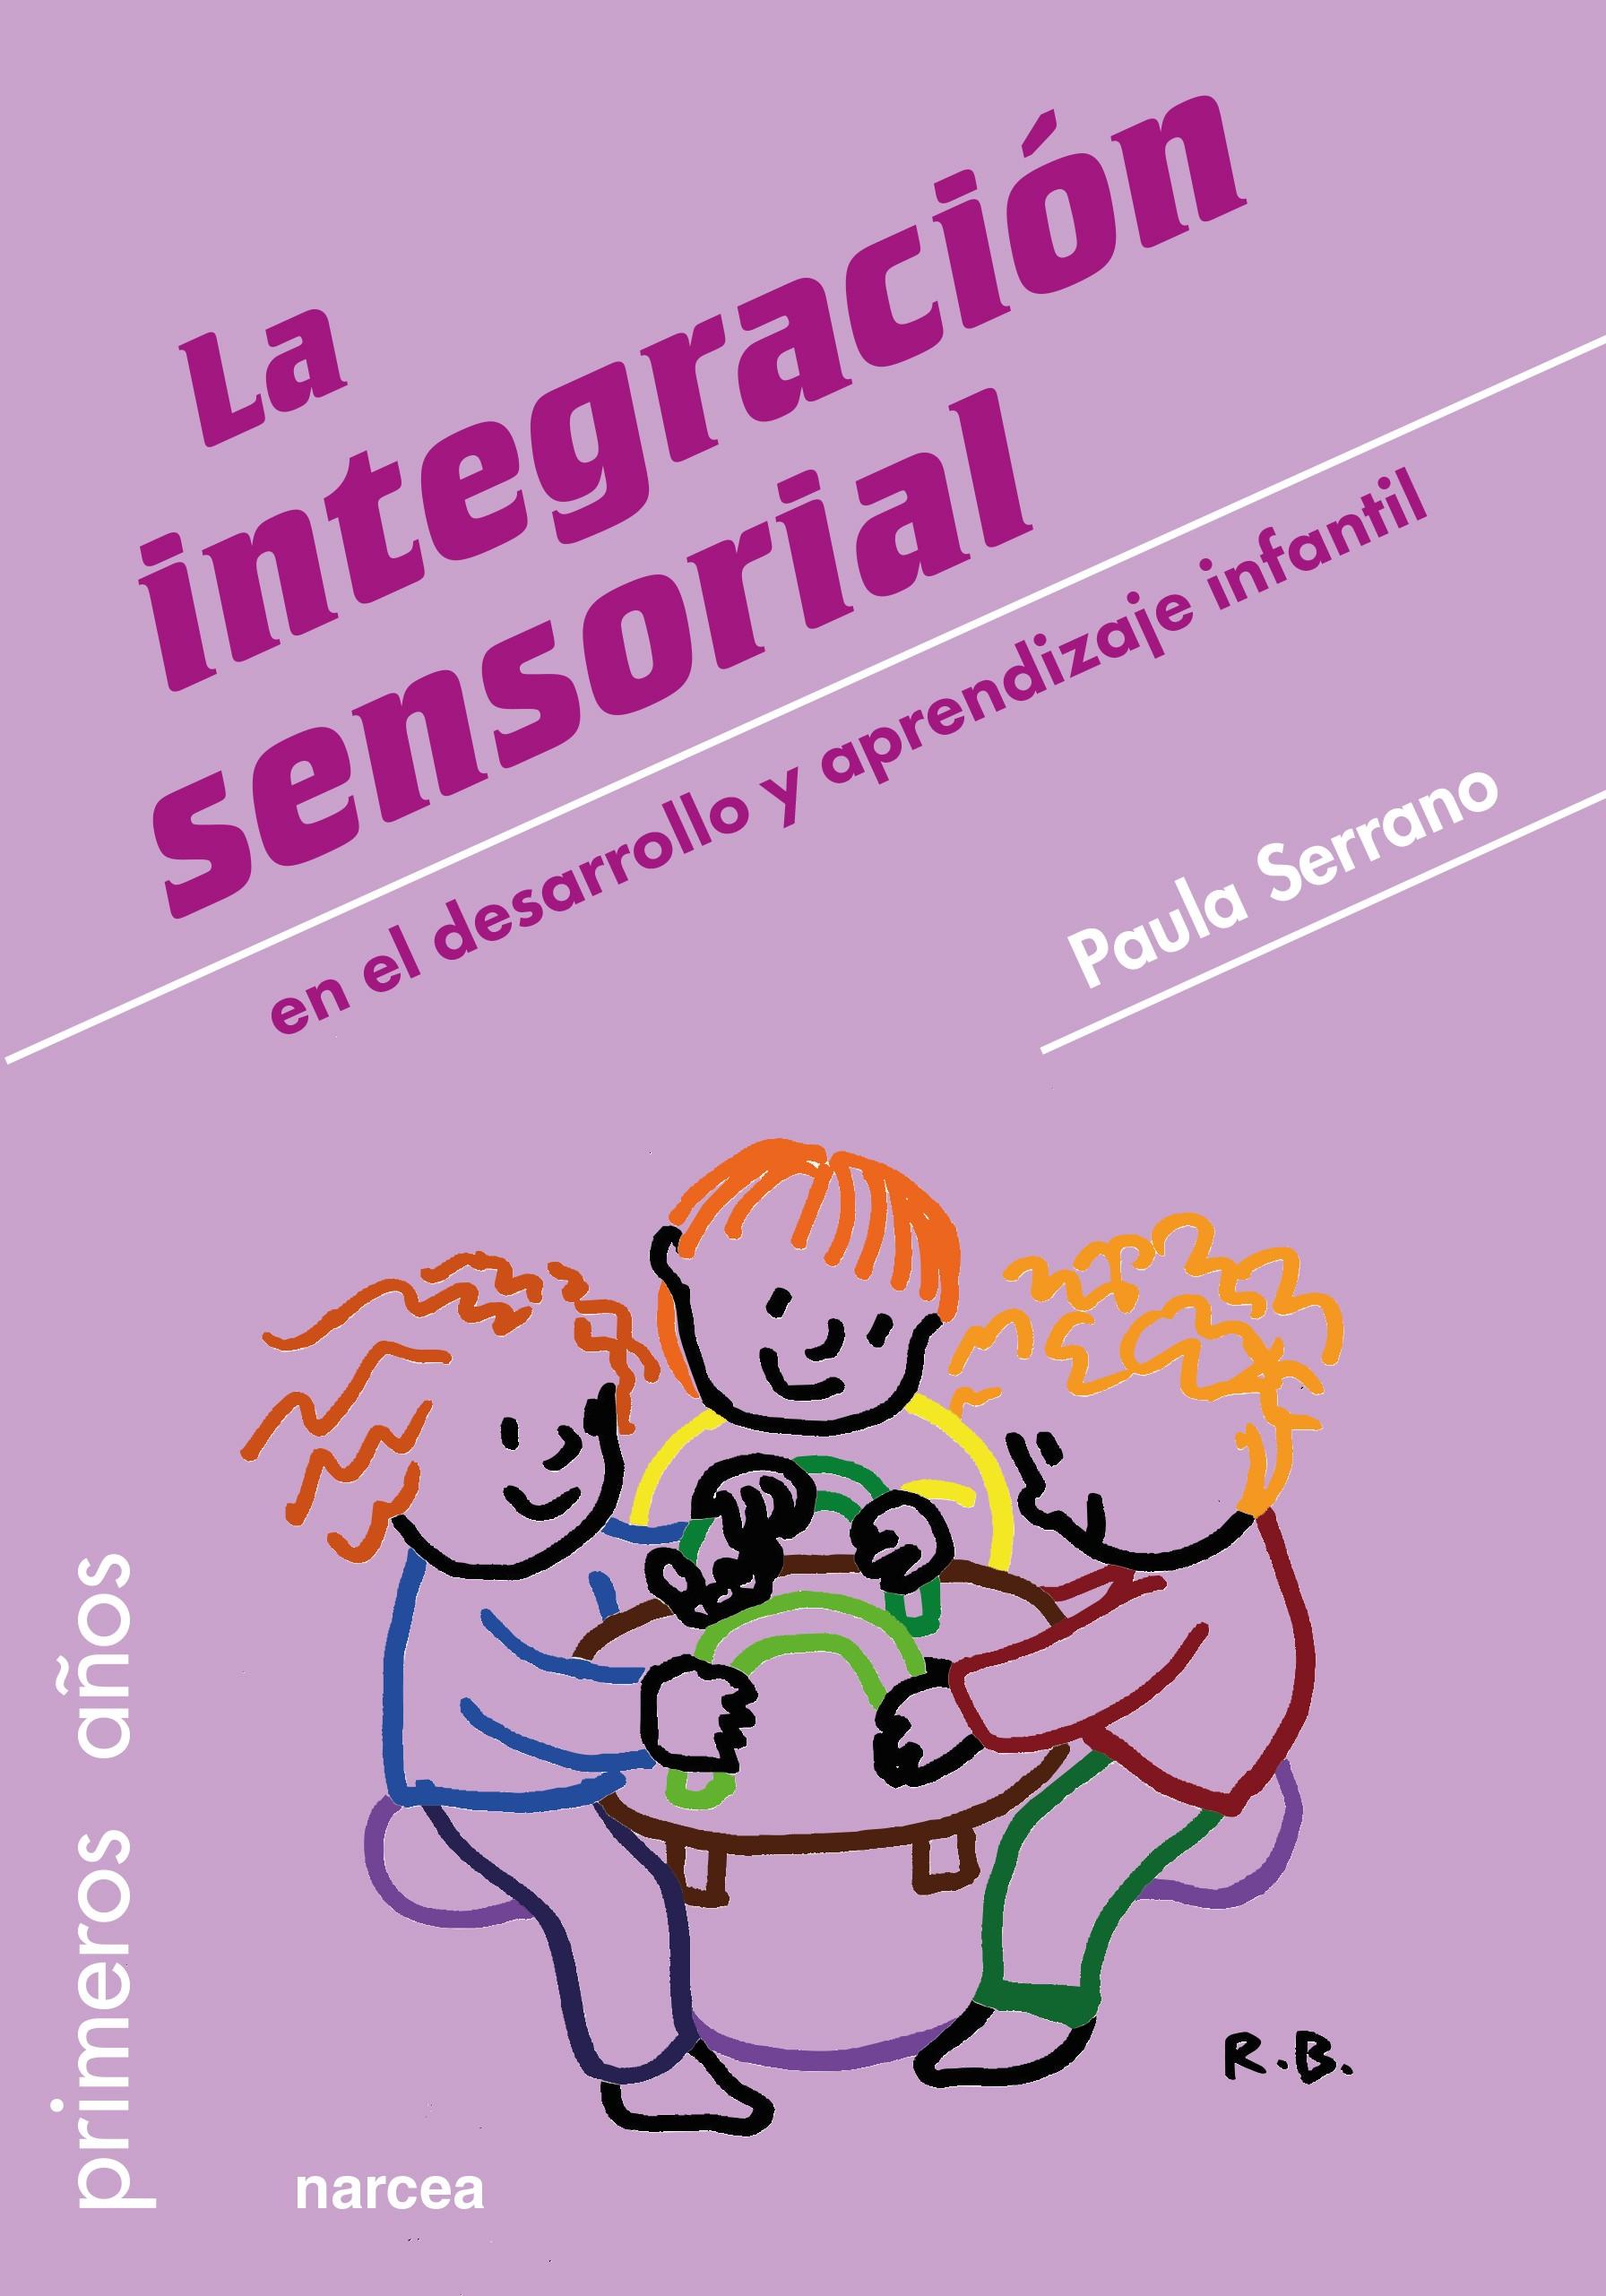 La integración sensorial